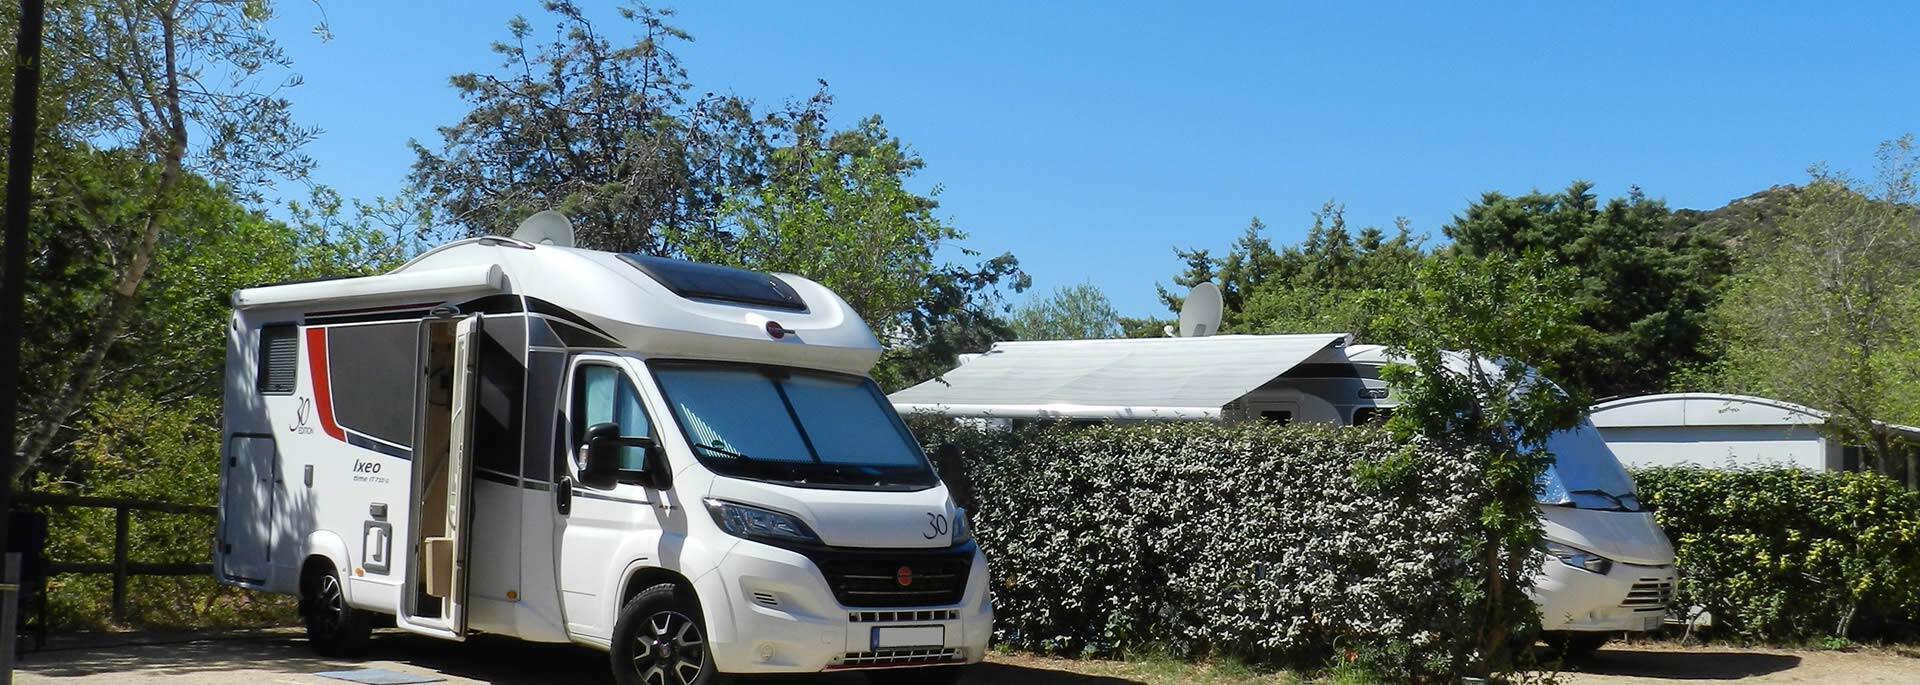 camping-tavolara it piazzole 001